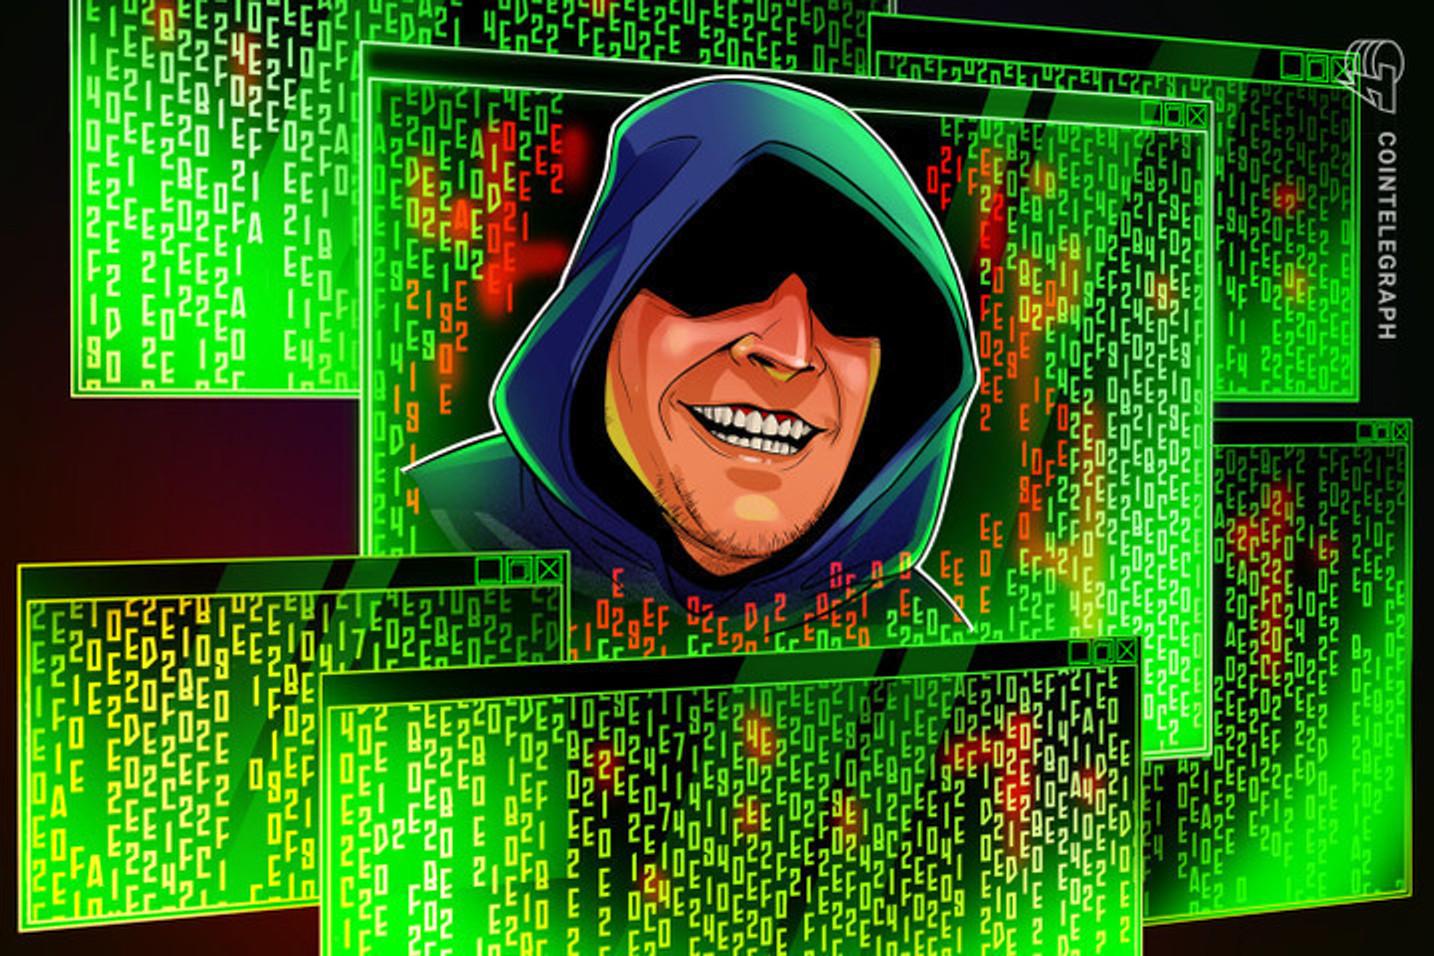 Policia Civil acaba com o Medina Bank suposto golpe com Bitcoin que prometia lucro de 15% ao mês